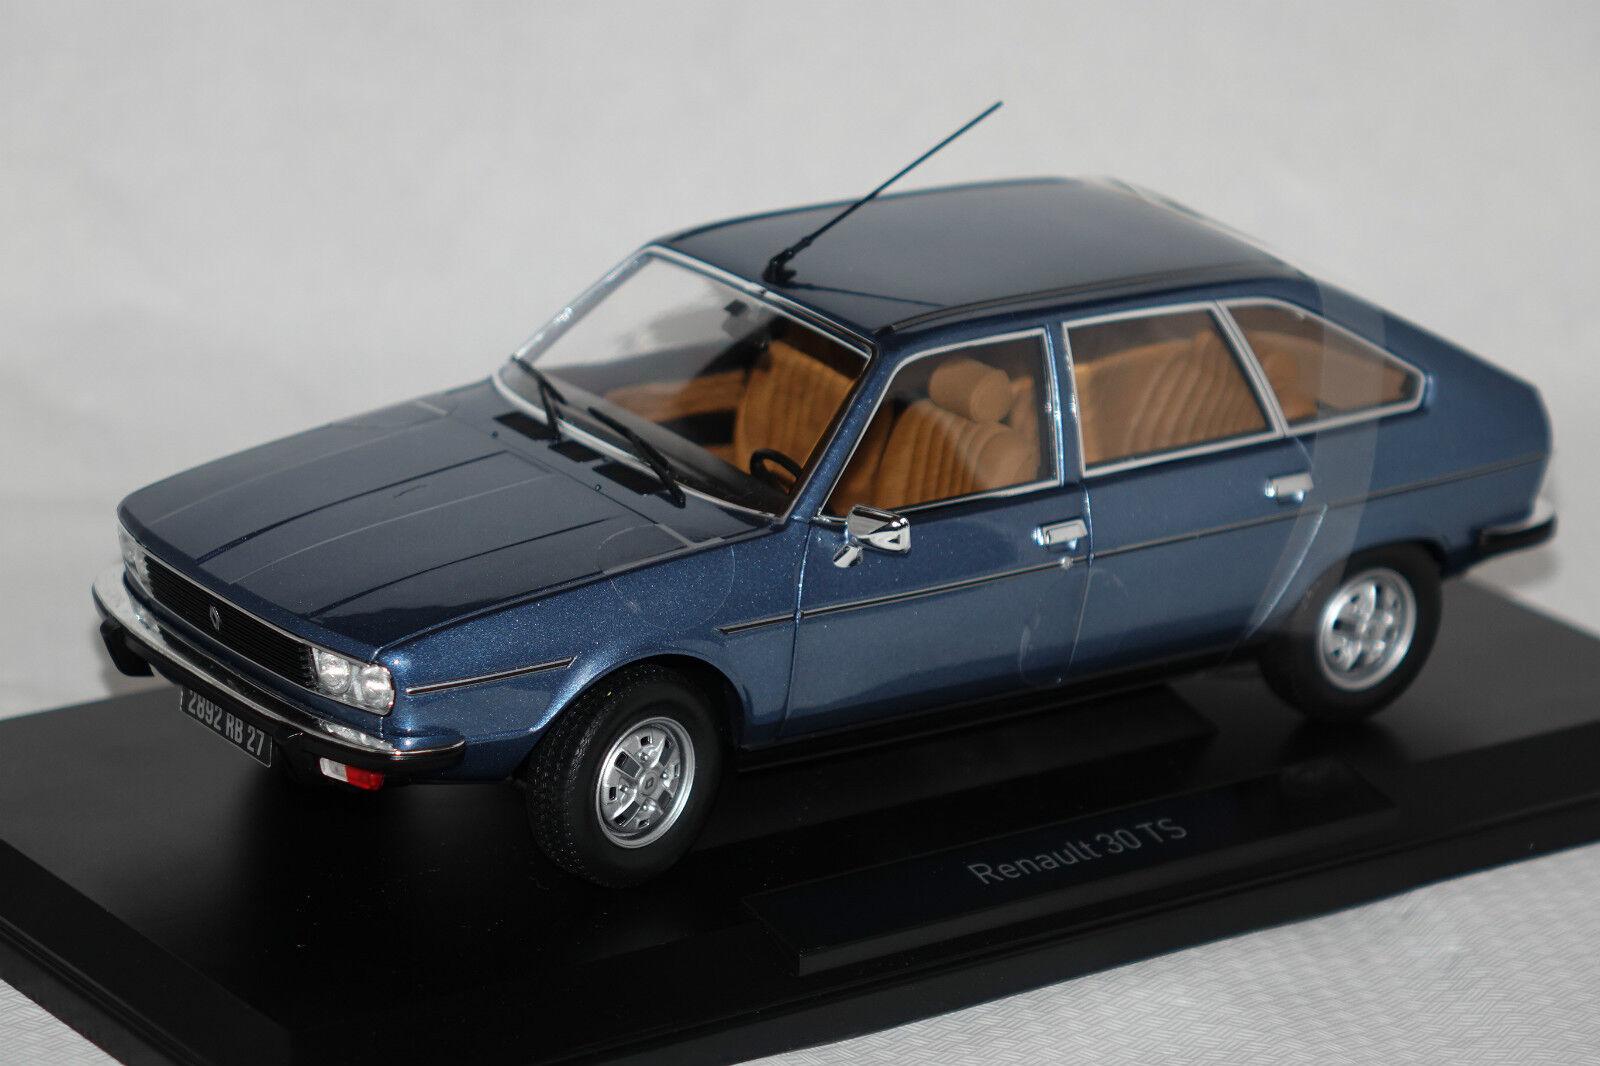 RENAULT 30 TS 1978 bleu métallisé  1 18 Norev NOUVEAU & NEUF dans sa boîte 185270  les derniers modèles